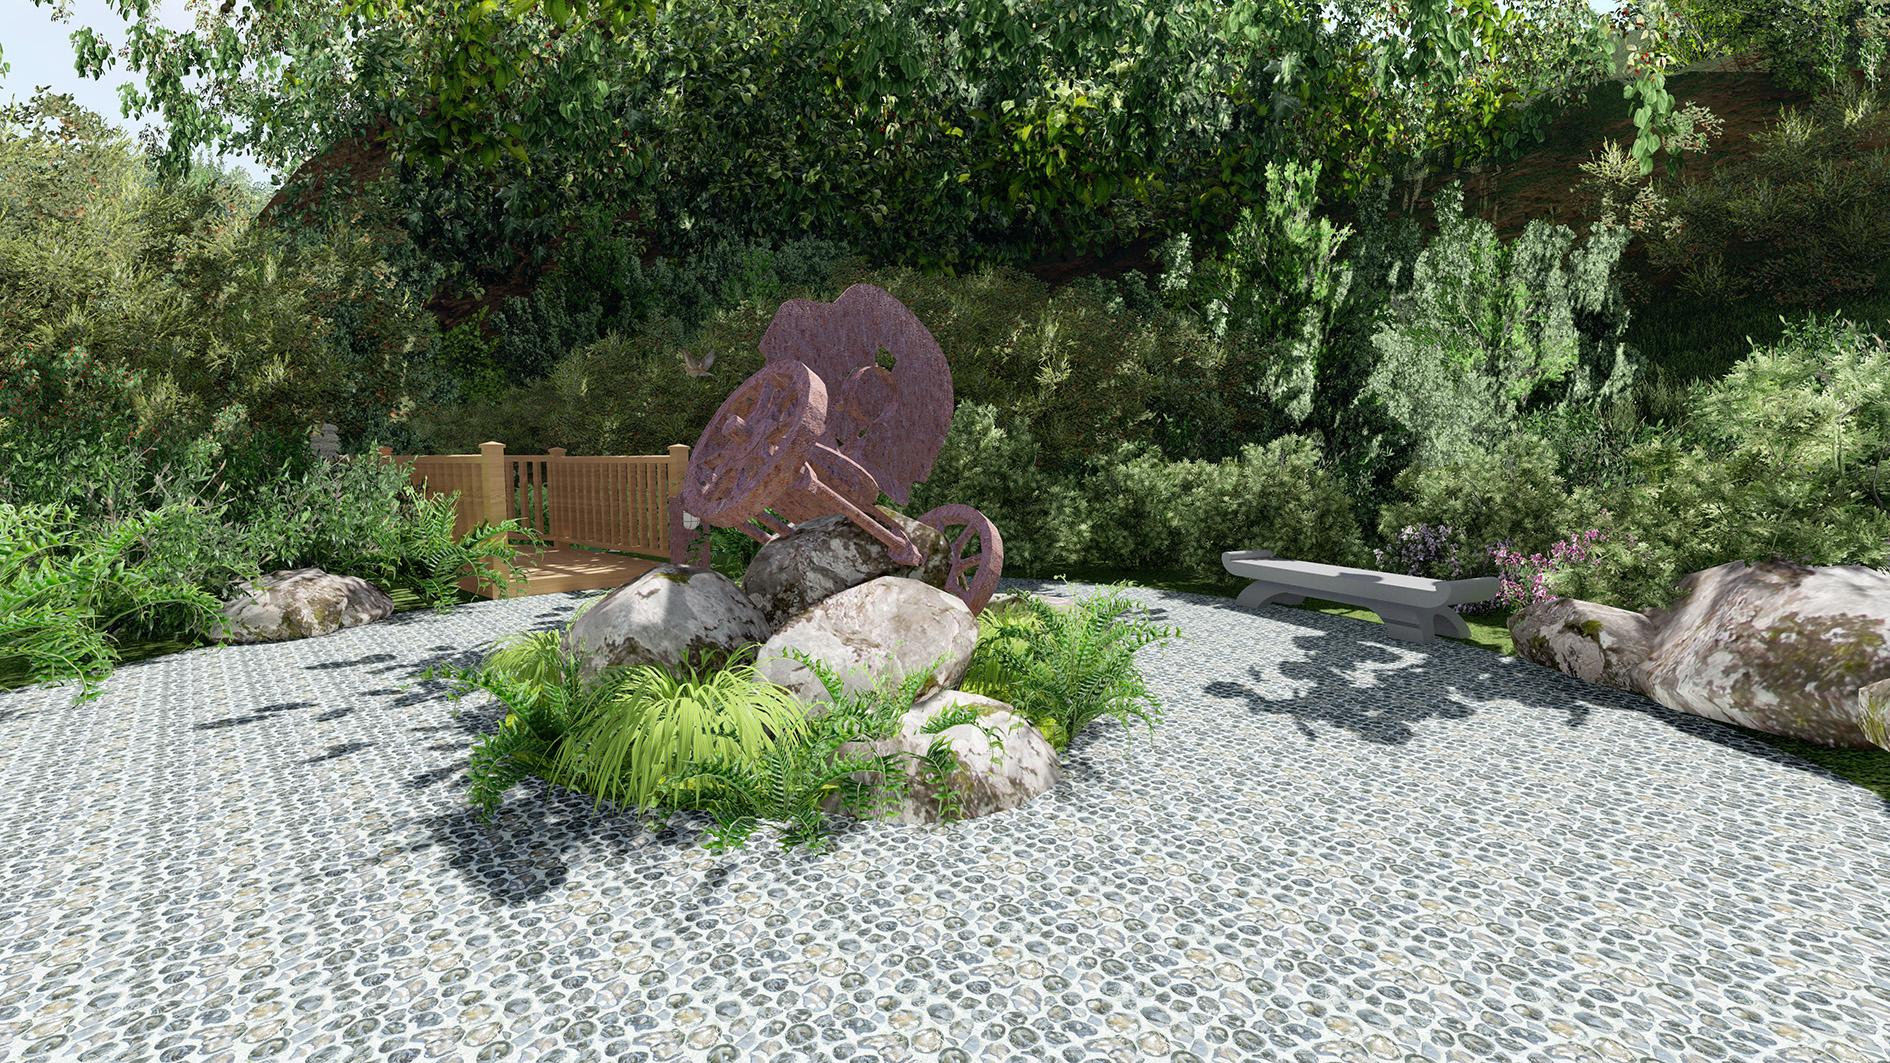 Sculpture Garden Artists Impression